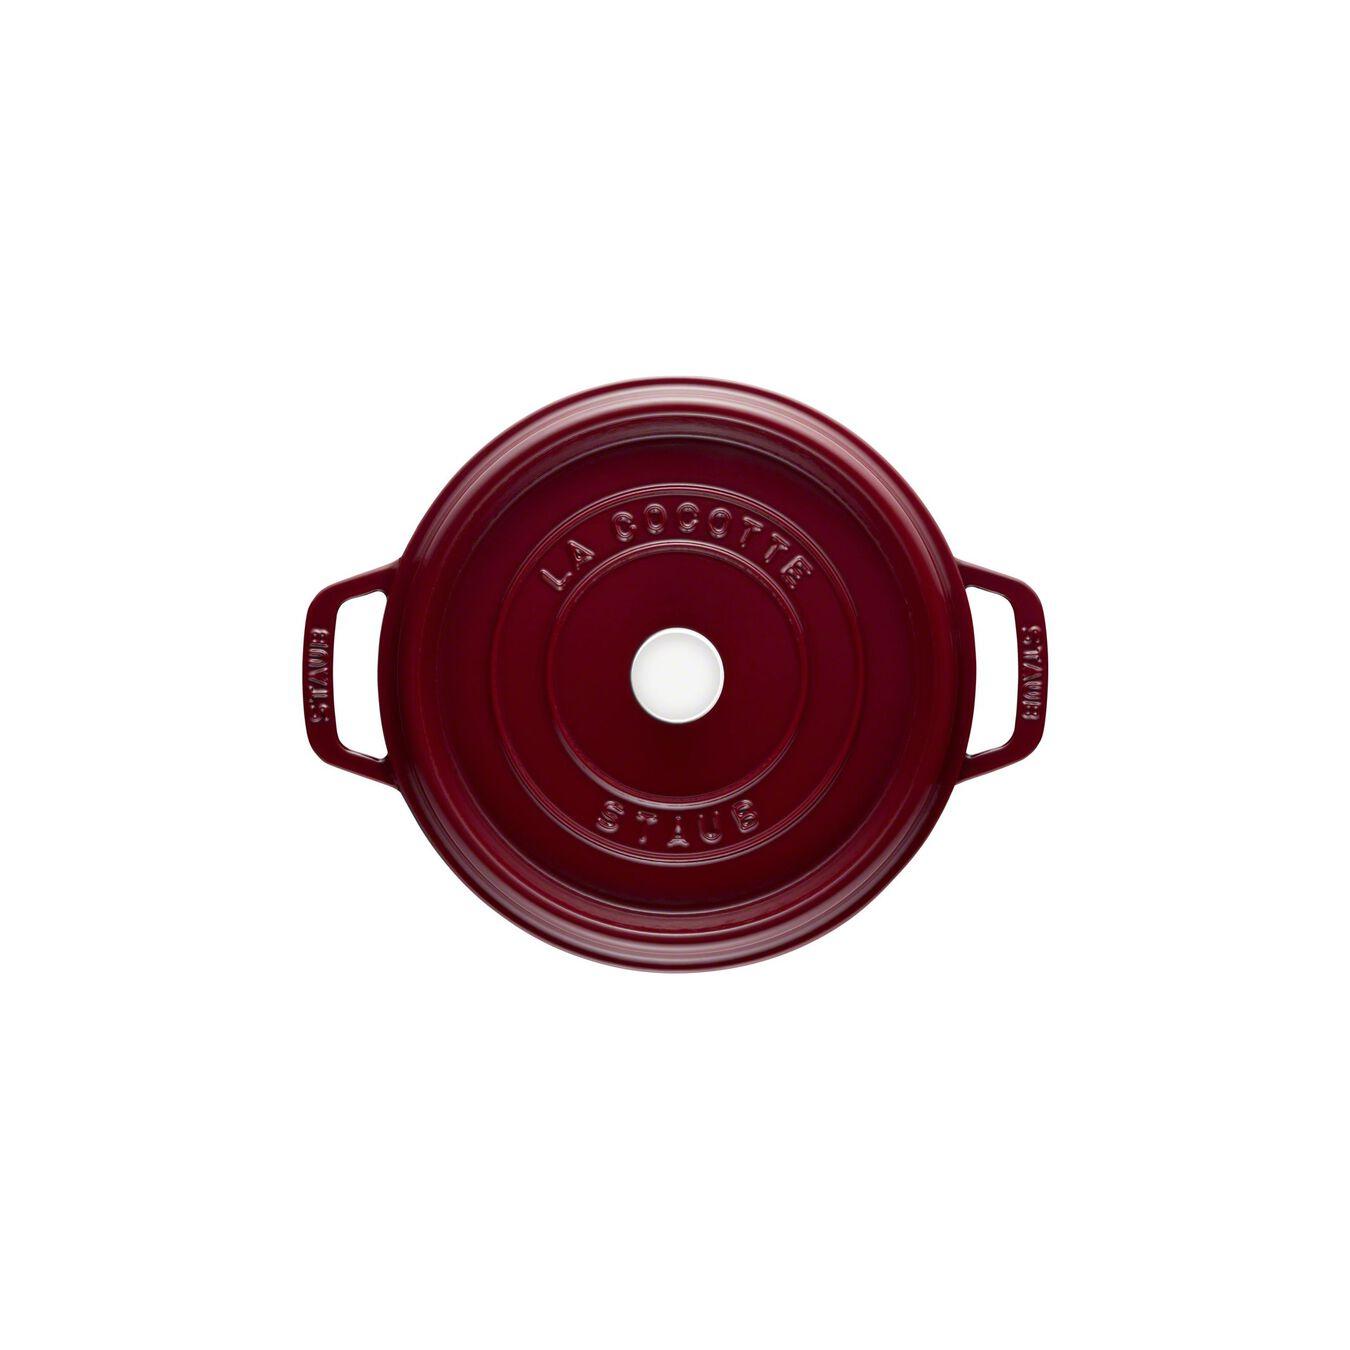 Cocotte 18 cm, Rond(e), Bordeaux, Fonte,,large 7